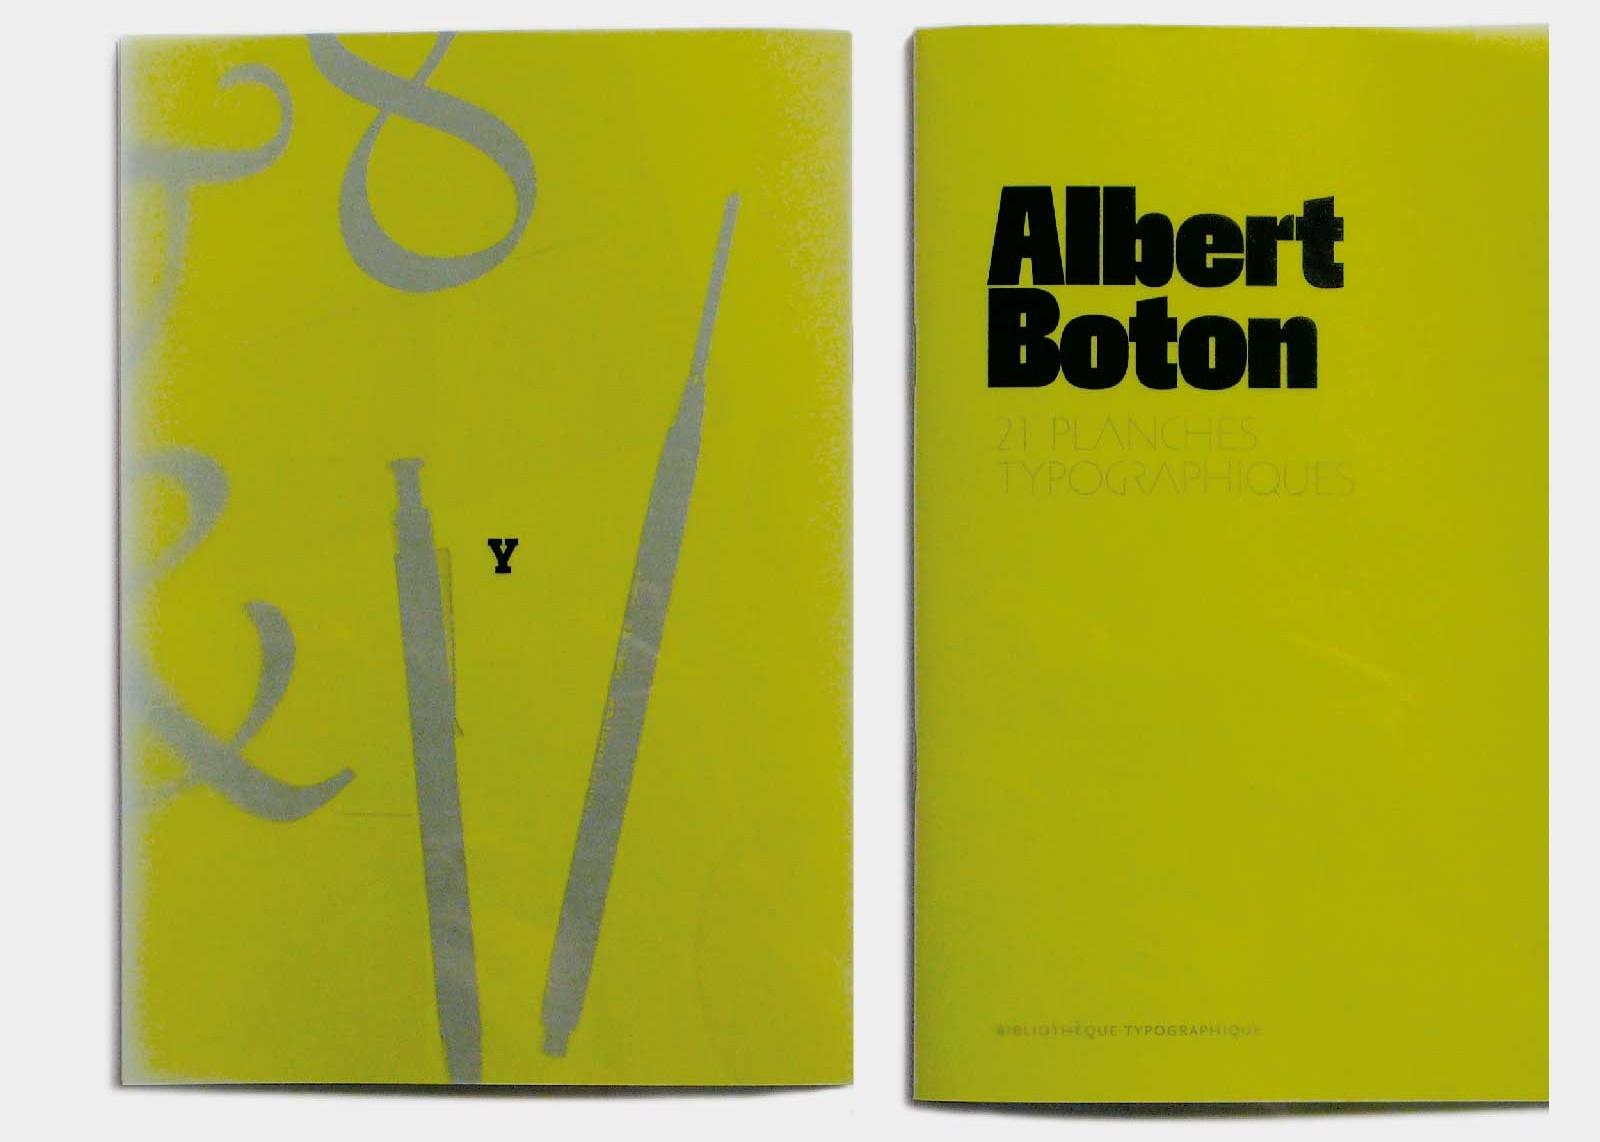 Dos de couverture et couverture, impression sur calque (photos Olivier Nineuil).